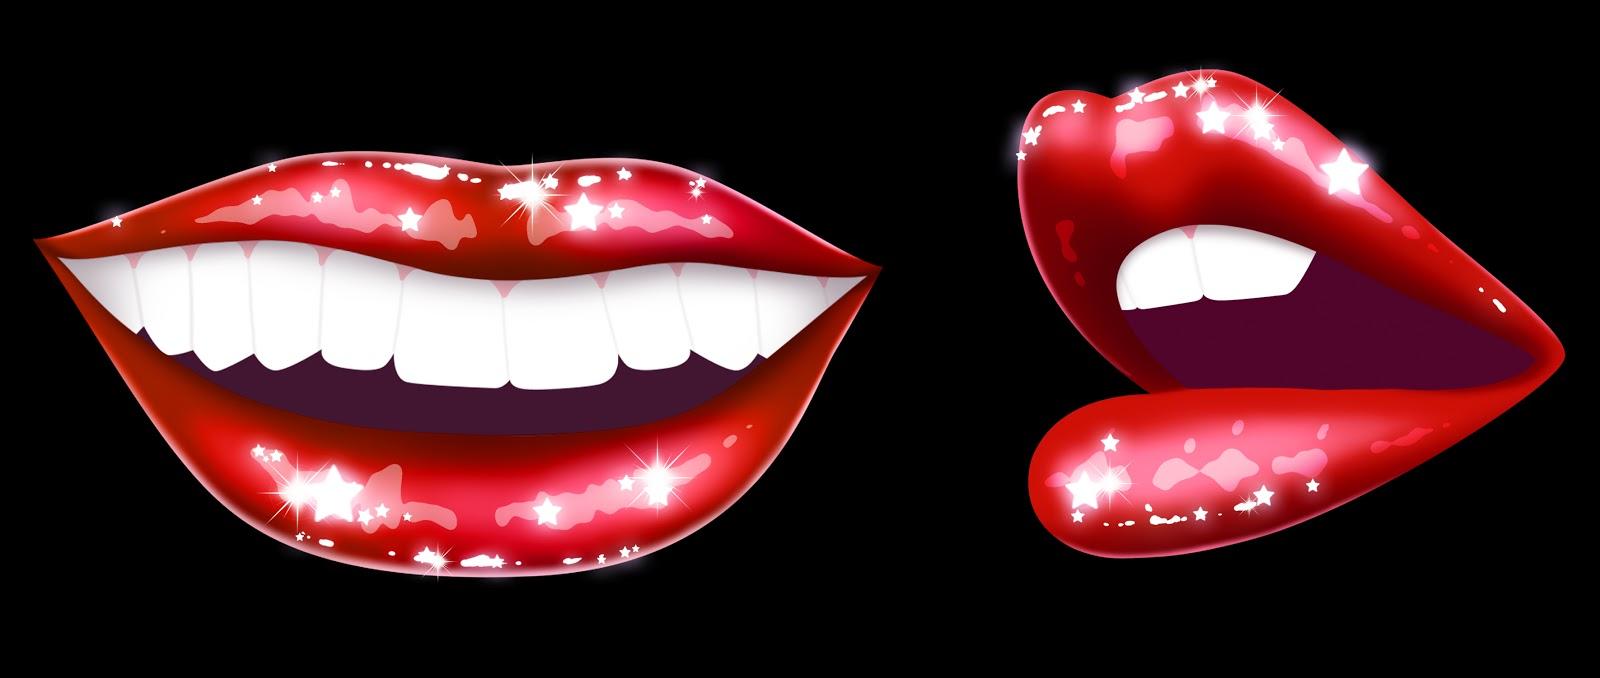 KP_lips_candySPARKLE_5_V05